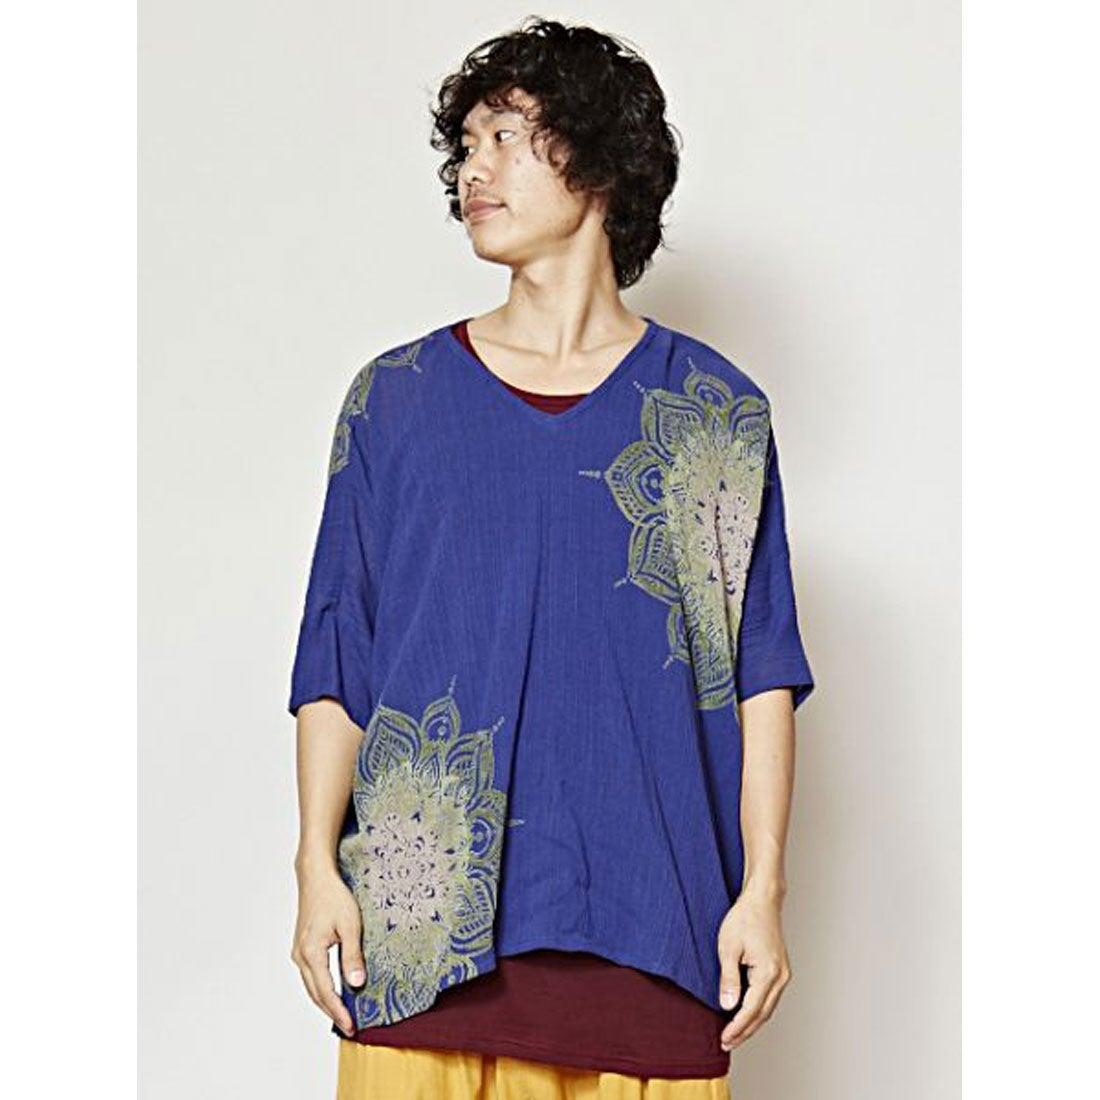 【チャイハネ】yul プリントTシャツ&タックトップセット MEN?Sアンサンブル ブルー